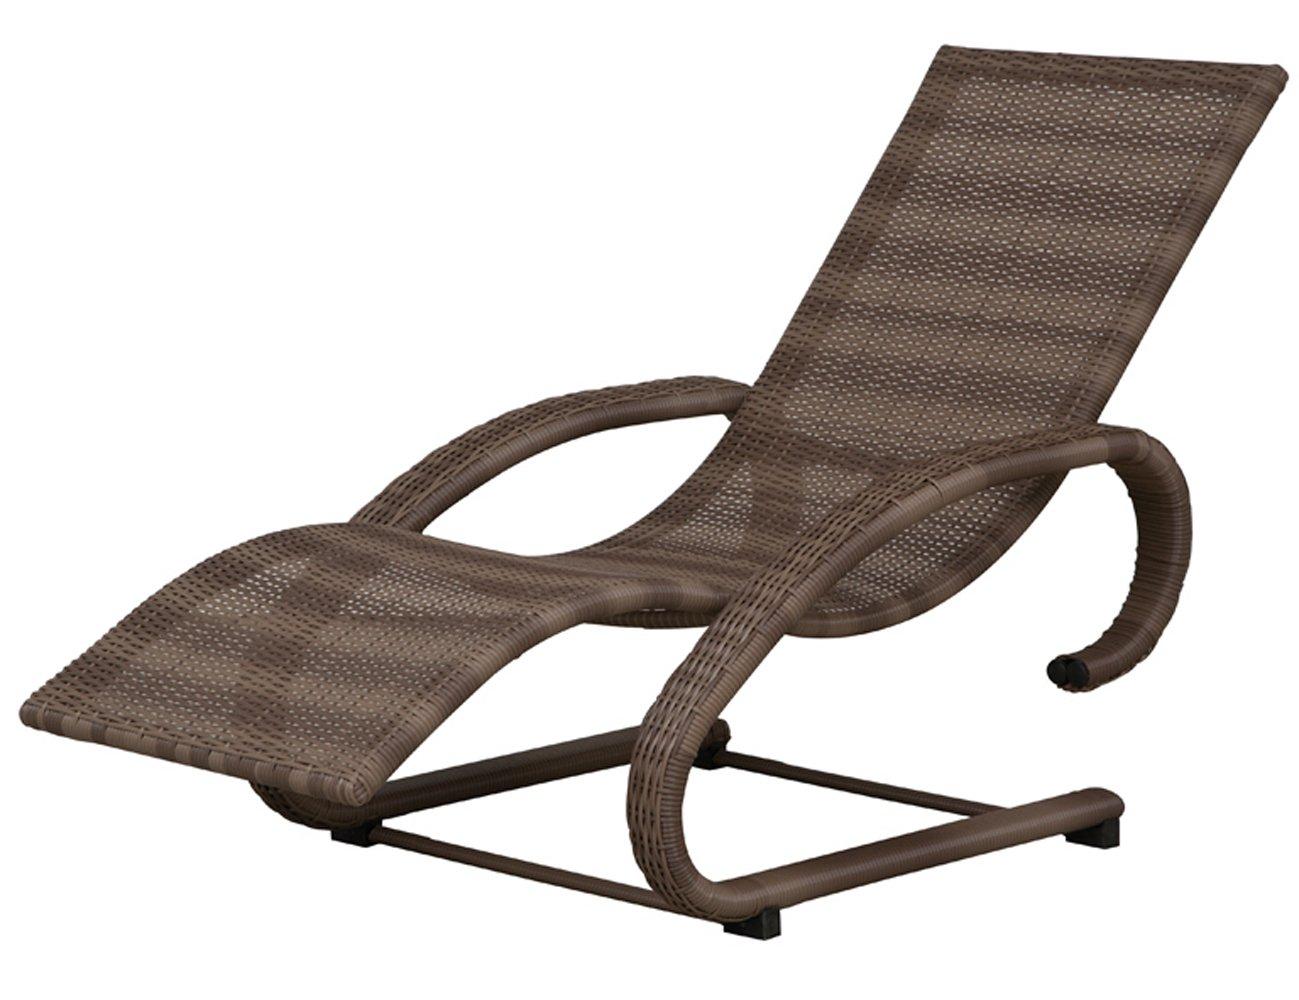 Siena Garden 800316 Swingliege Rio, Aluminium-Untergestell, Gardino-Geflecht sand, 156 x 72 x 87 cm jetzt bestellen